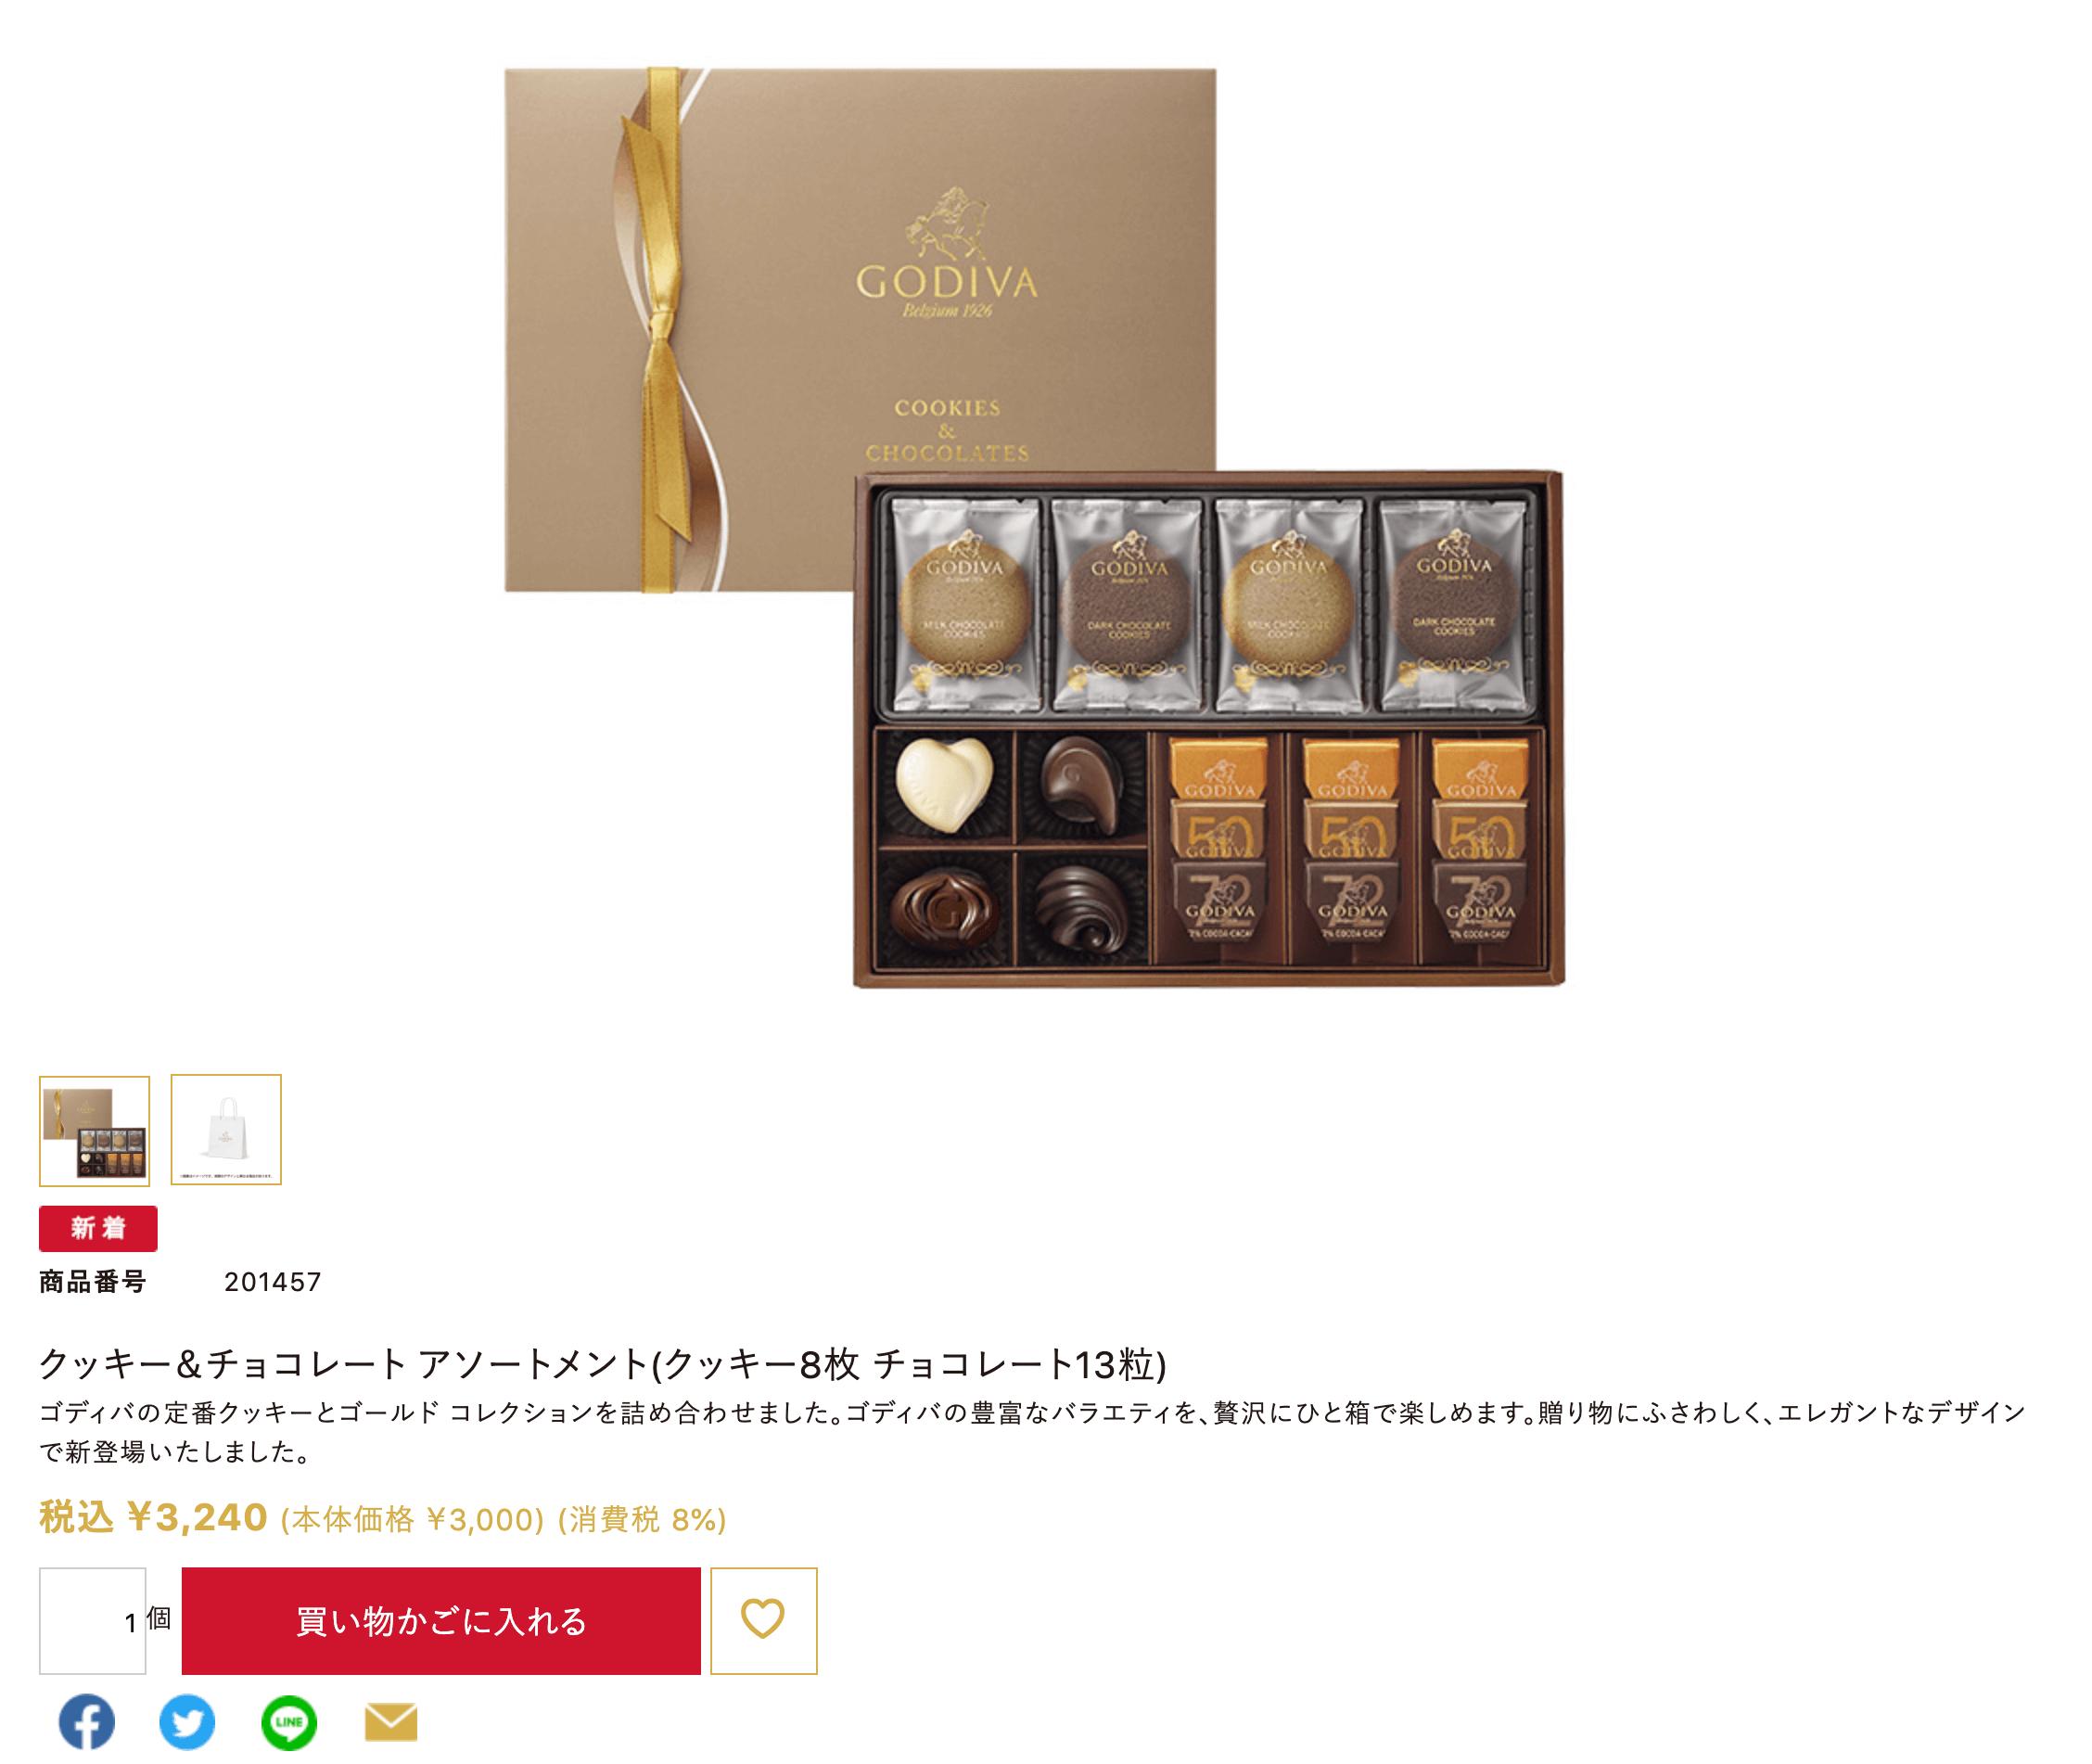 GODIVAのクッキー&チョコレートアソートメント